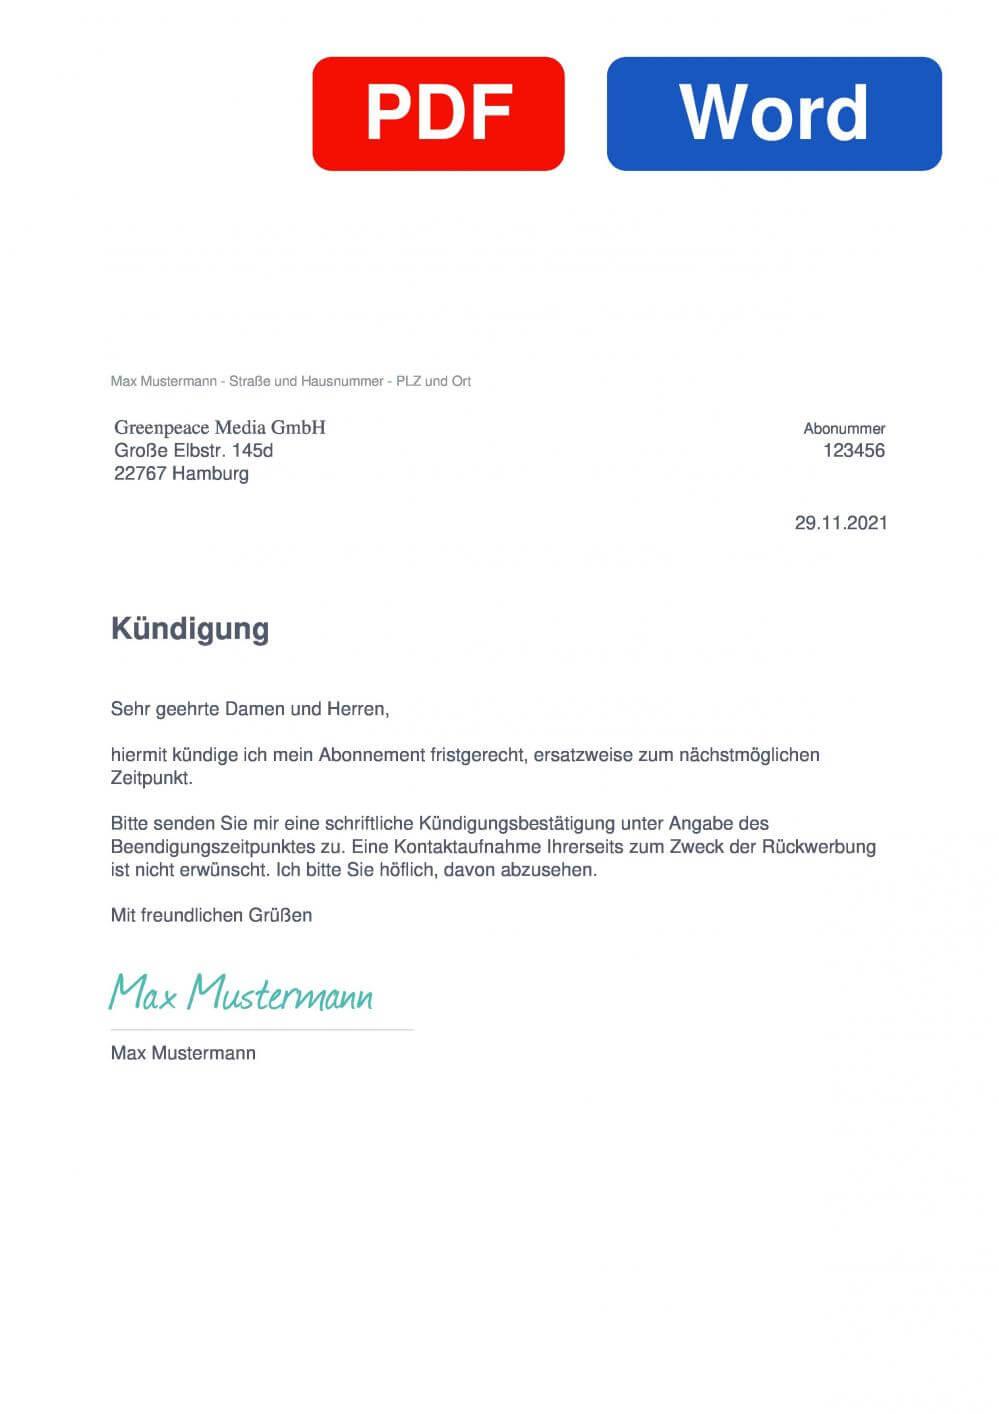 Greenpeace Magazin Muster Vorlage für Kündigungsschreiben